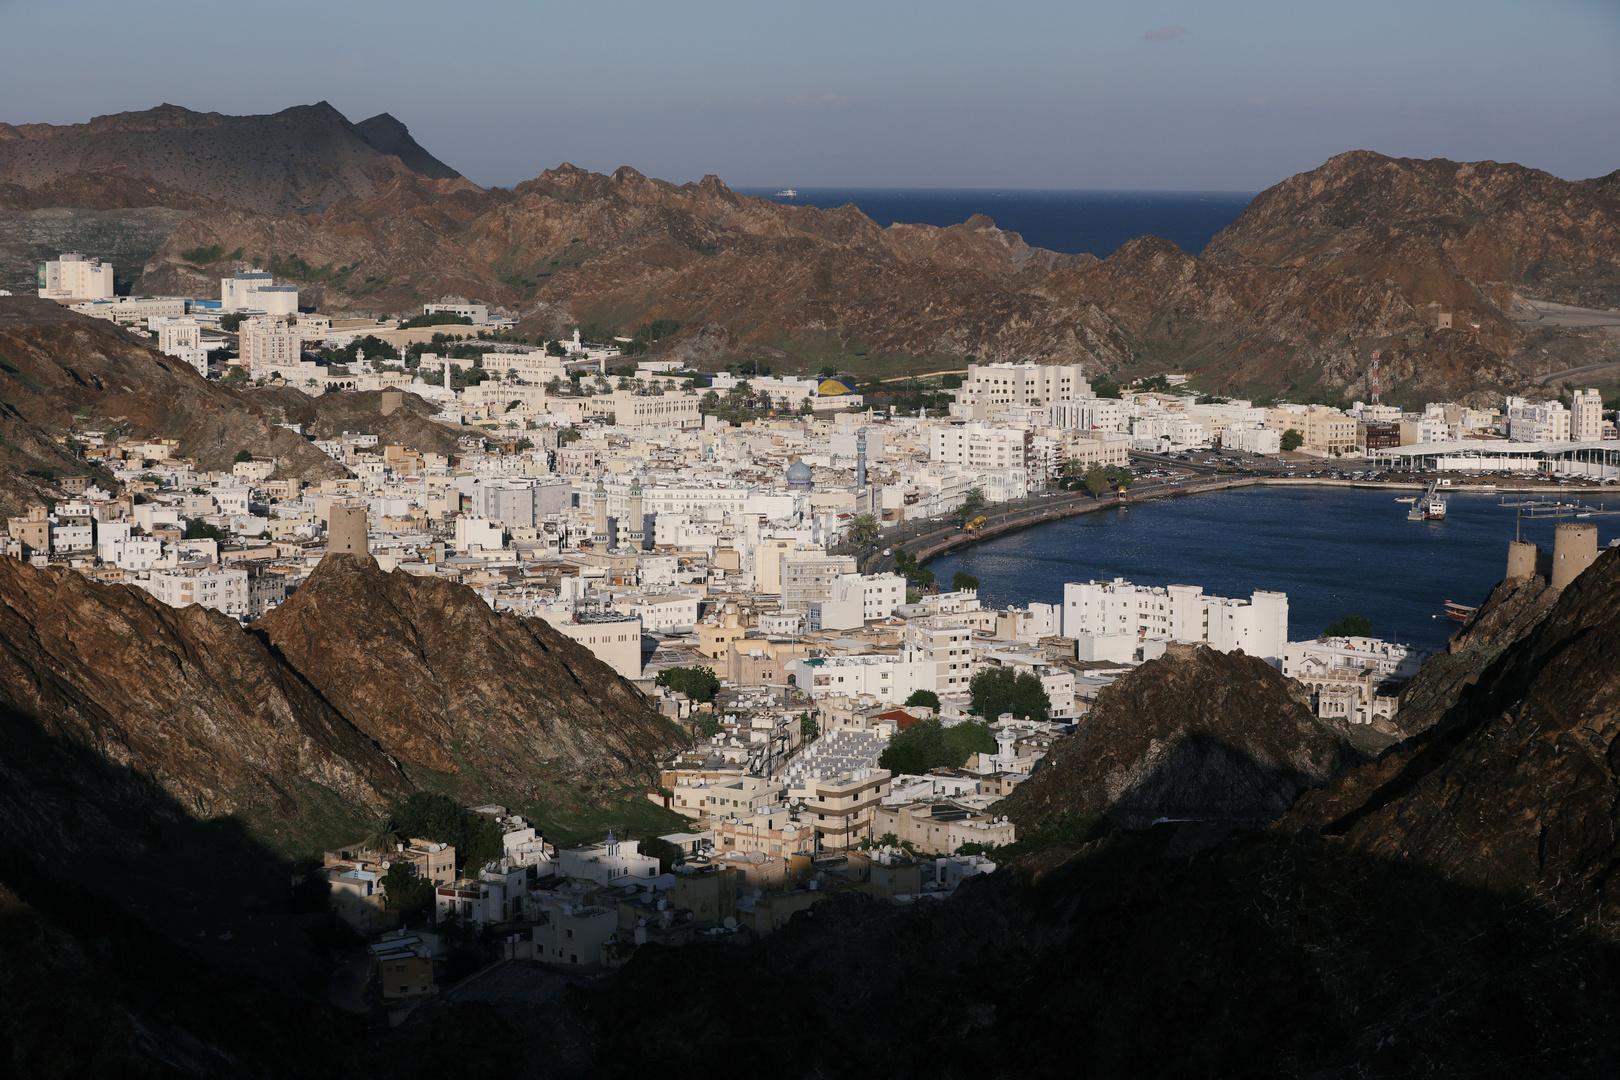 سلطنة عمان تنوي إطلاق قمر صناعي للاتصالات بحلول 2024